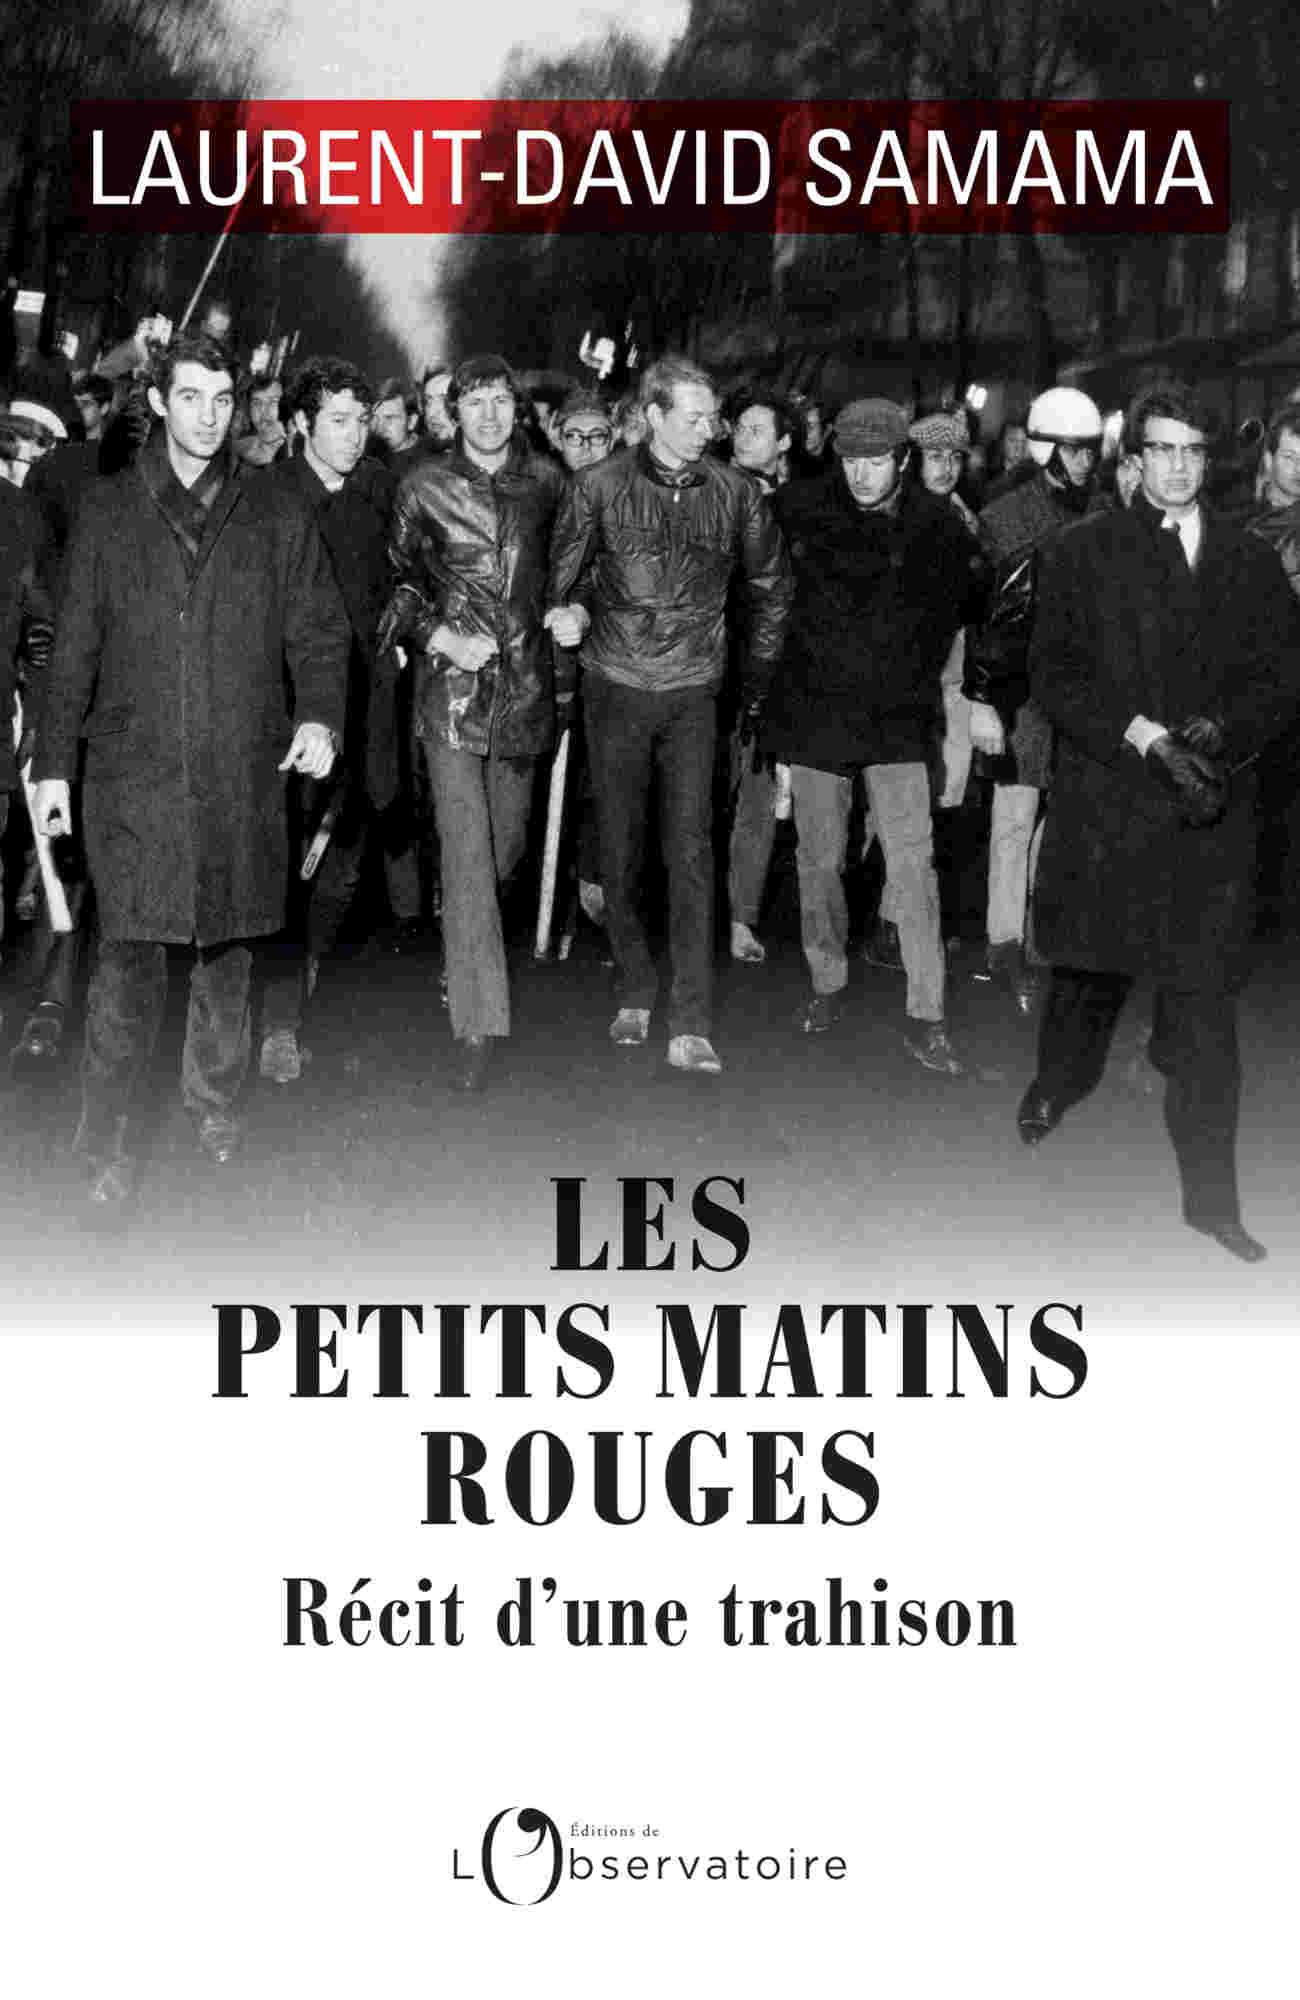 Couverture du livre Les Petits Matin Rouges de Laurent-David Samama Jewpop